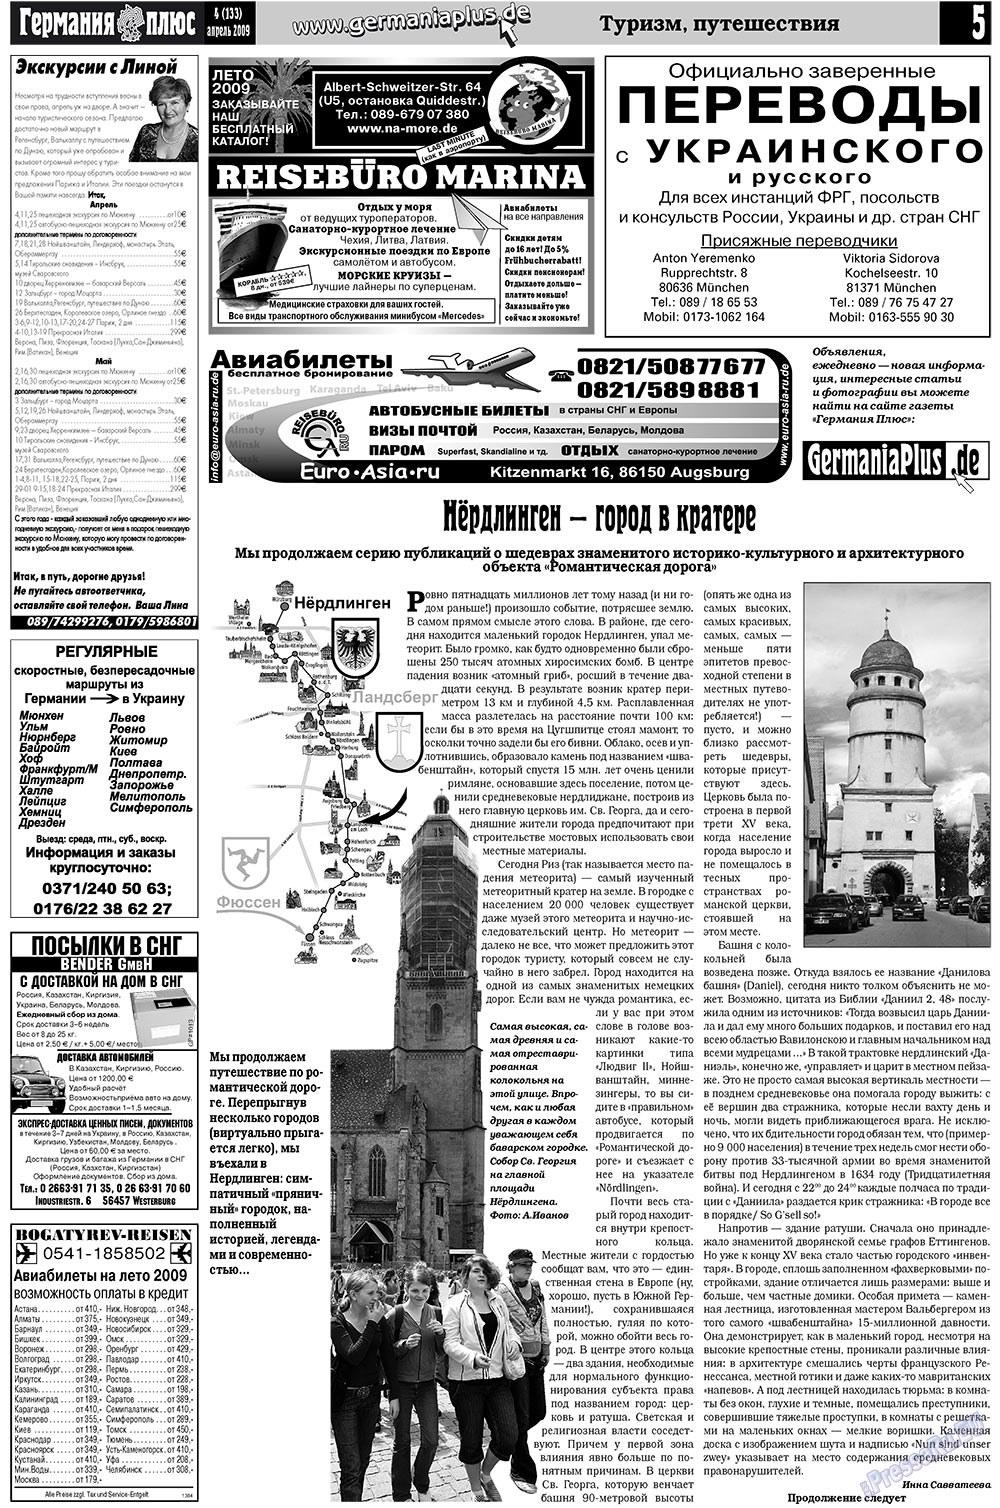 Германия плюс (газета). 2009 год, номер 4, стр. 5